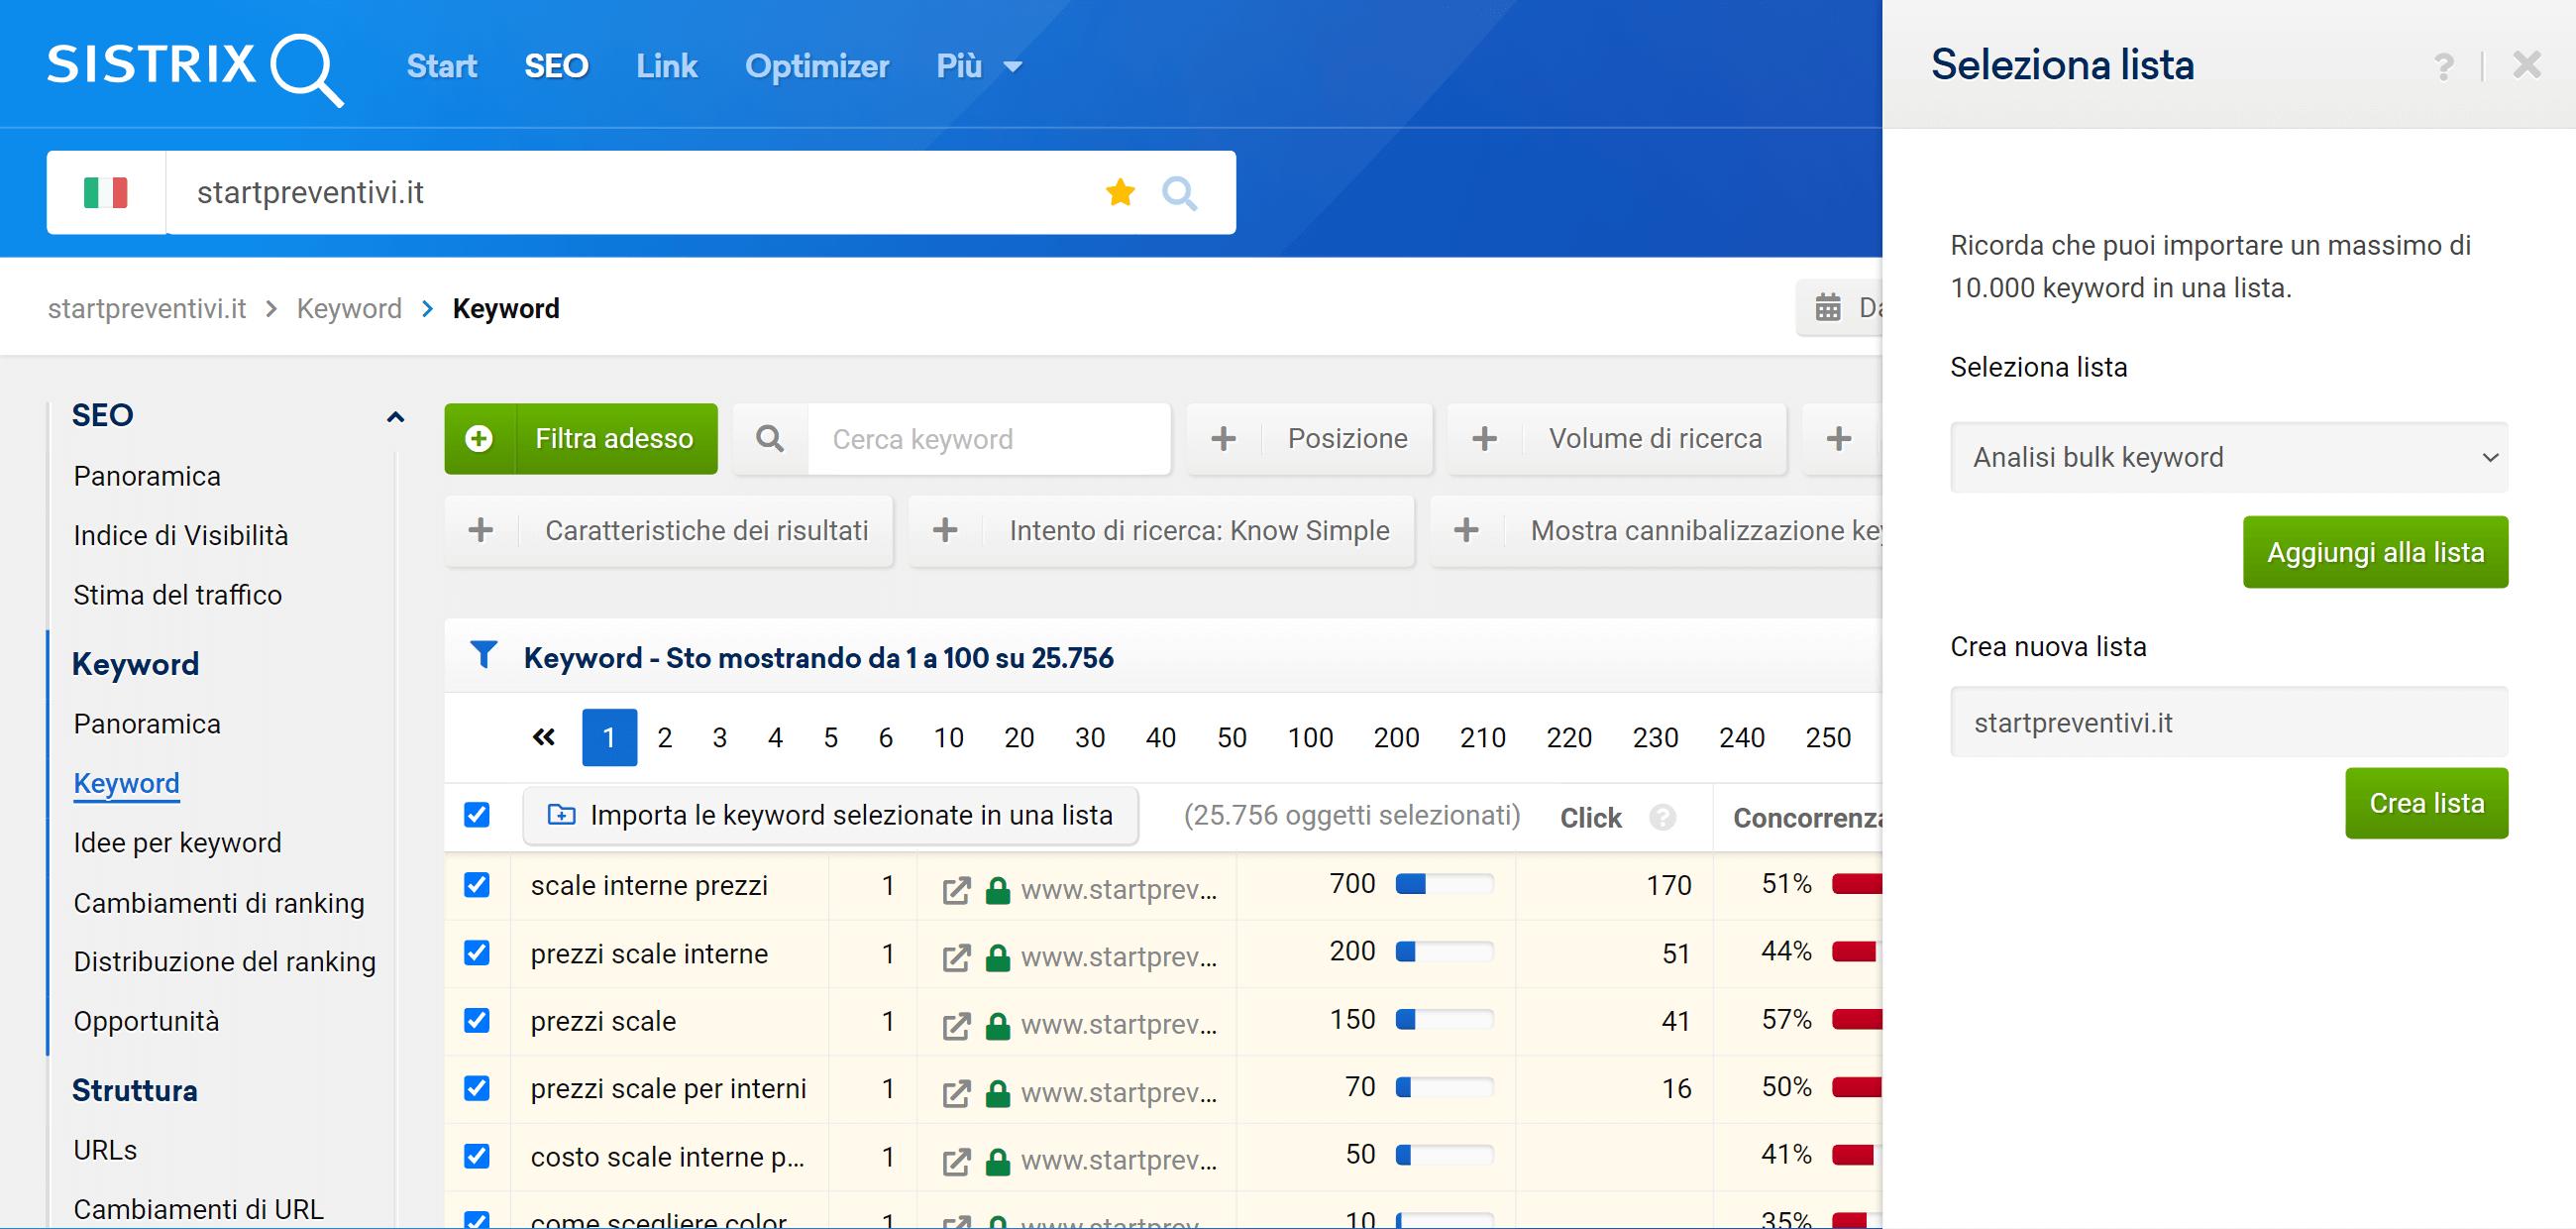 Come aggiungere delle keyword di una tabella in una lista su SISTRIX